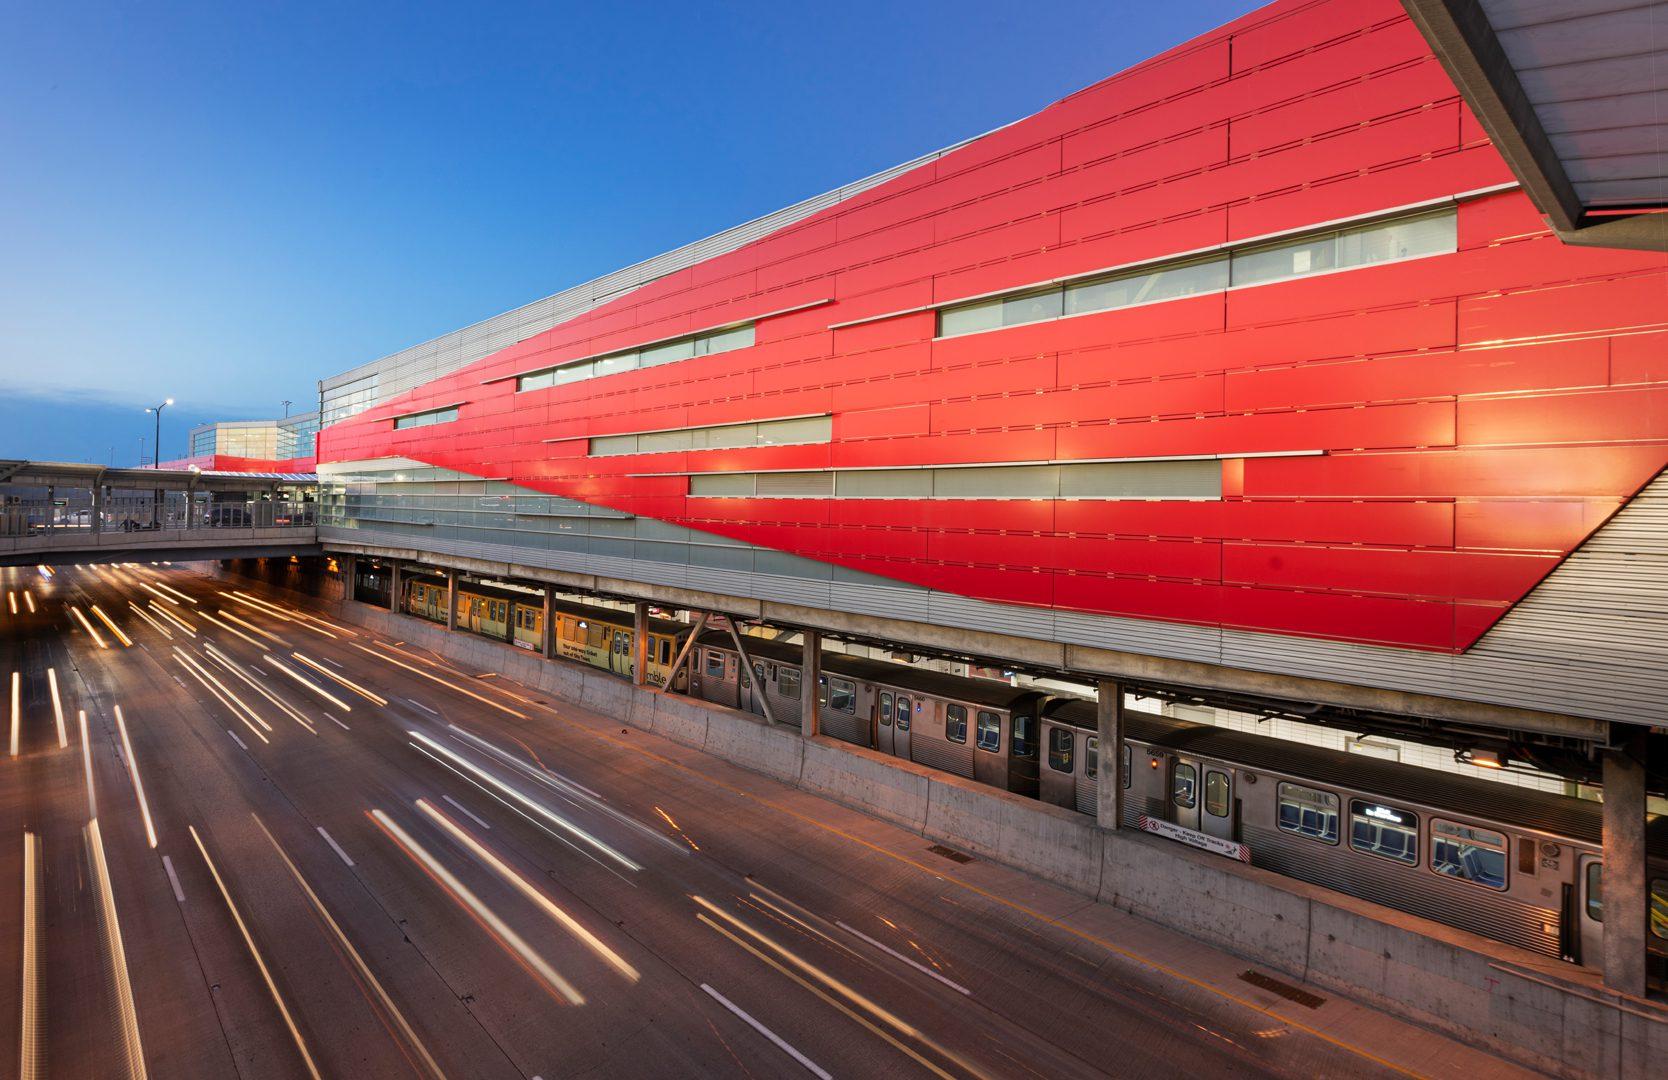 CTA 95th/Dan Ryan Terminal Station